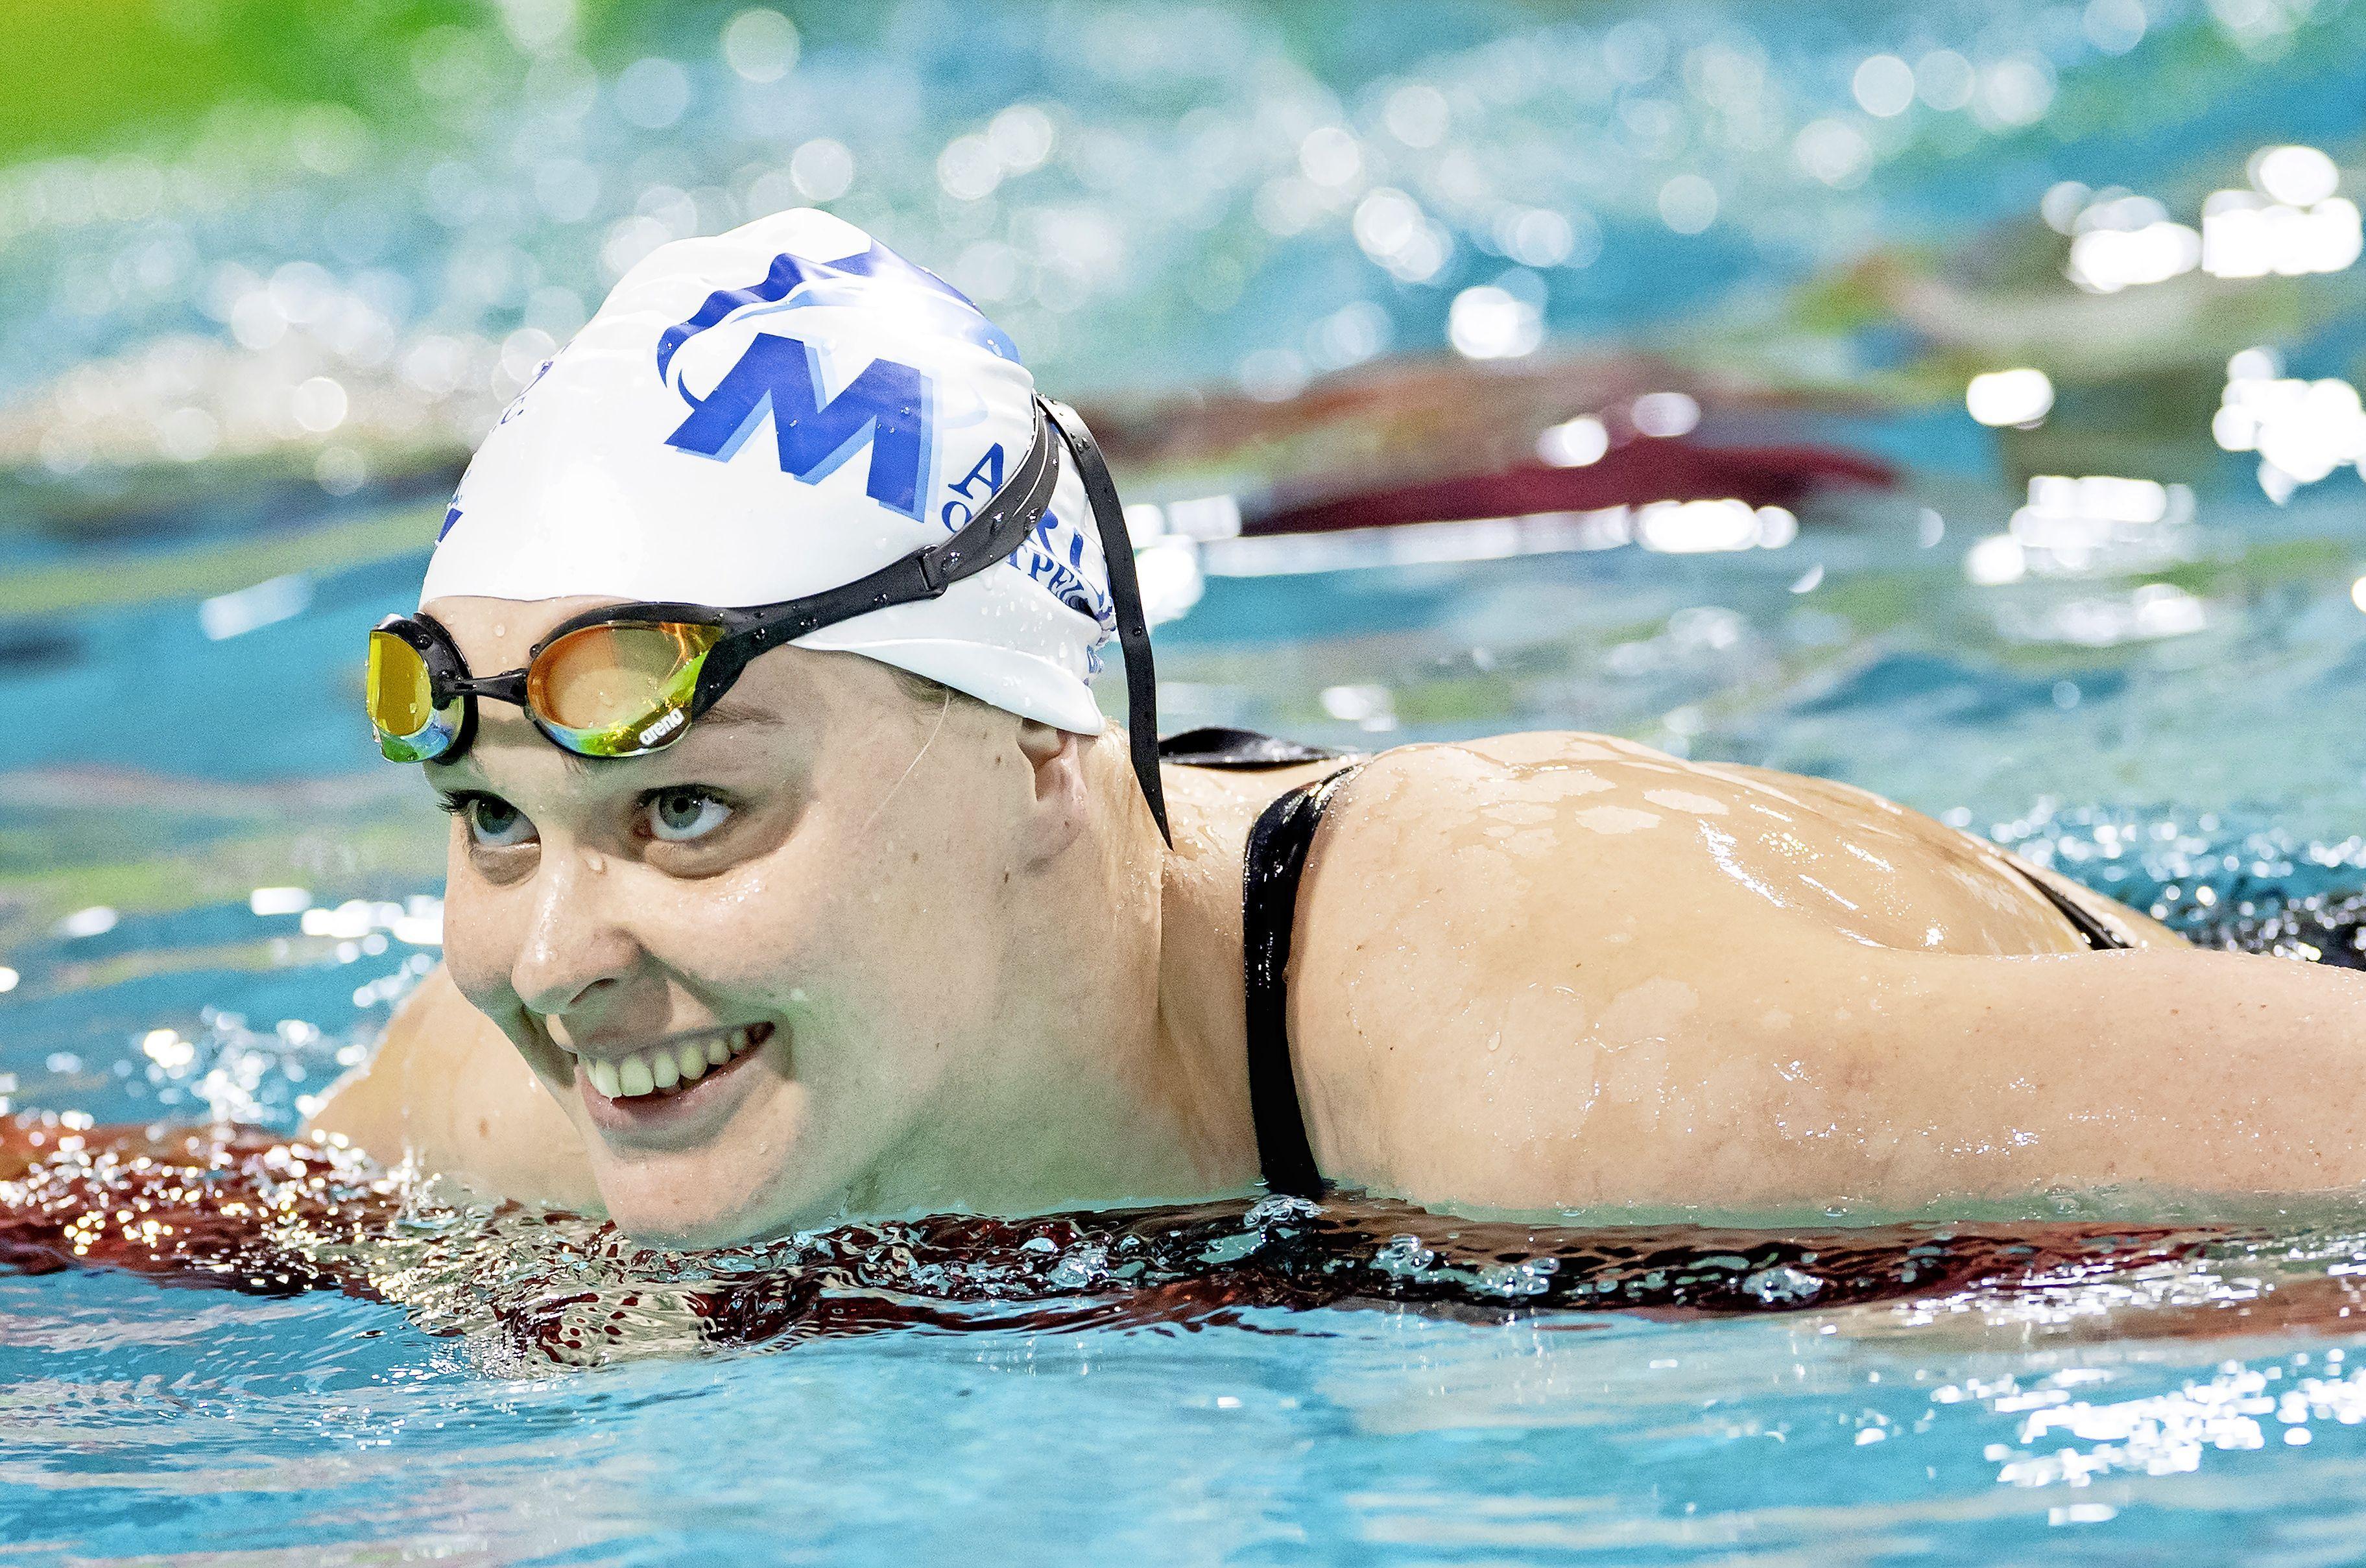 Zwemster Sharon van Rouwendaal neemt al voor de Spelen een voorsprong